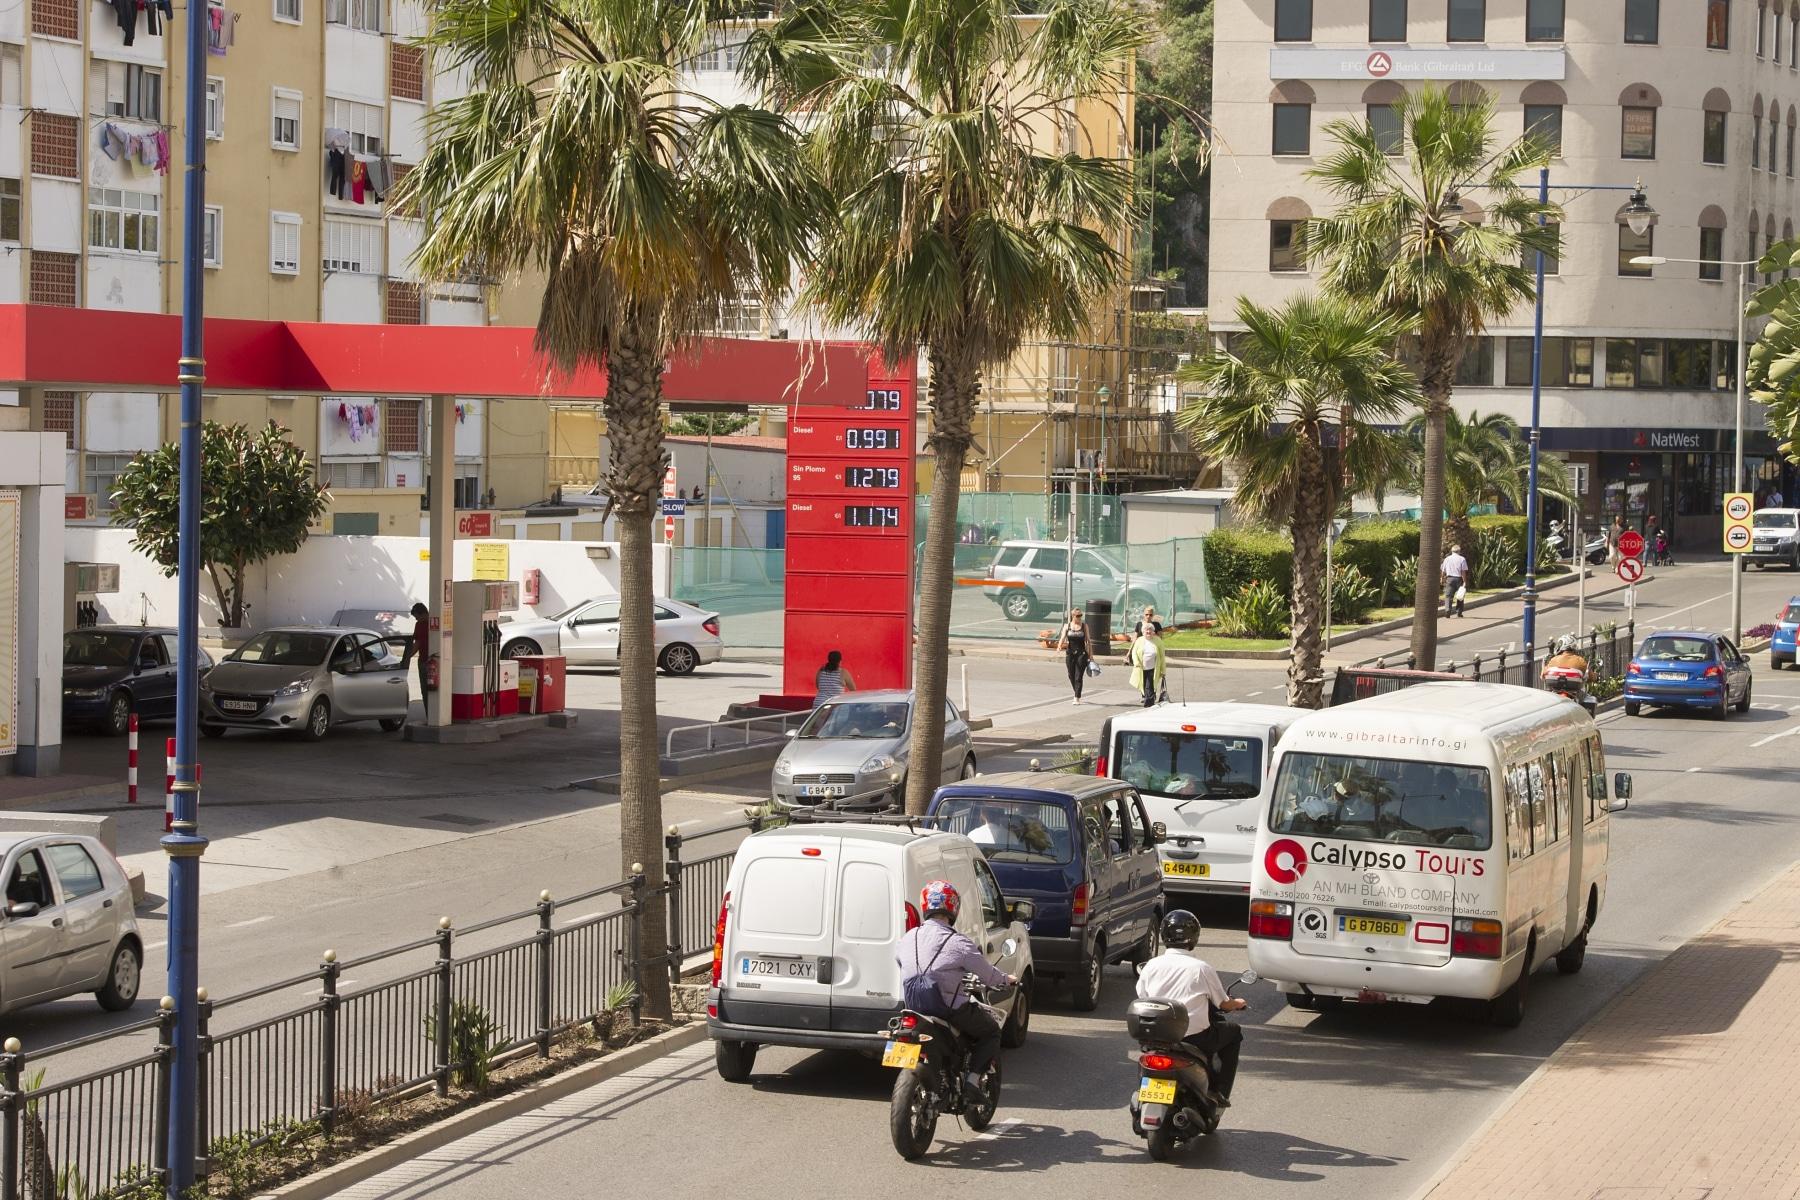 paisajes-urbanos-gibraltar-07_9225055826_o